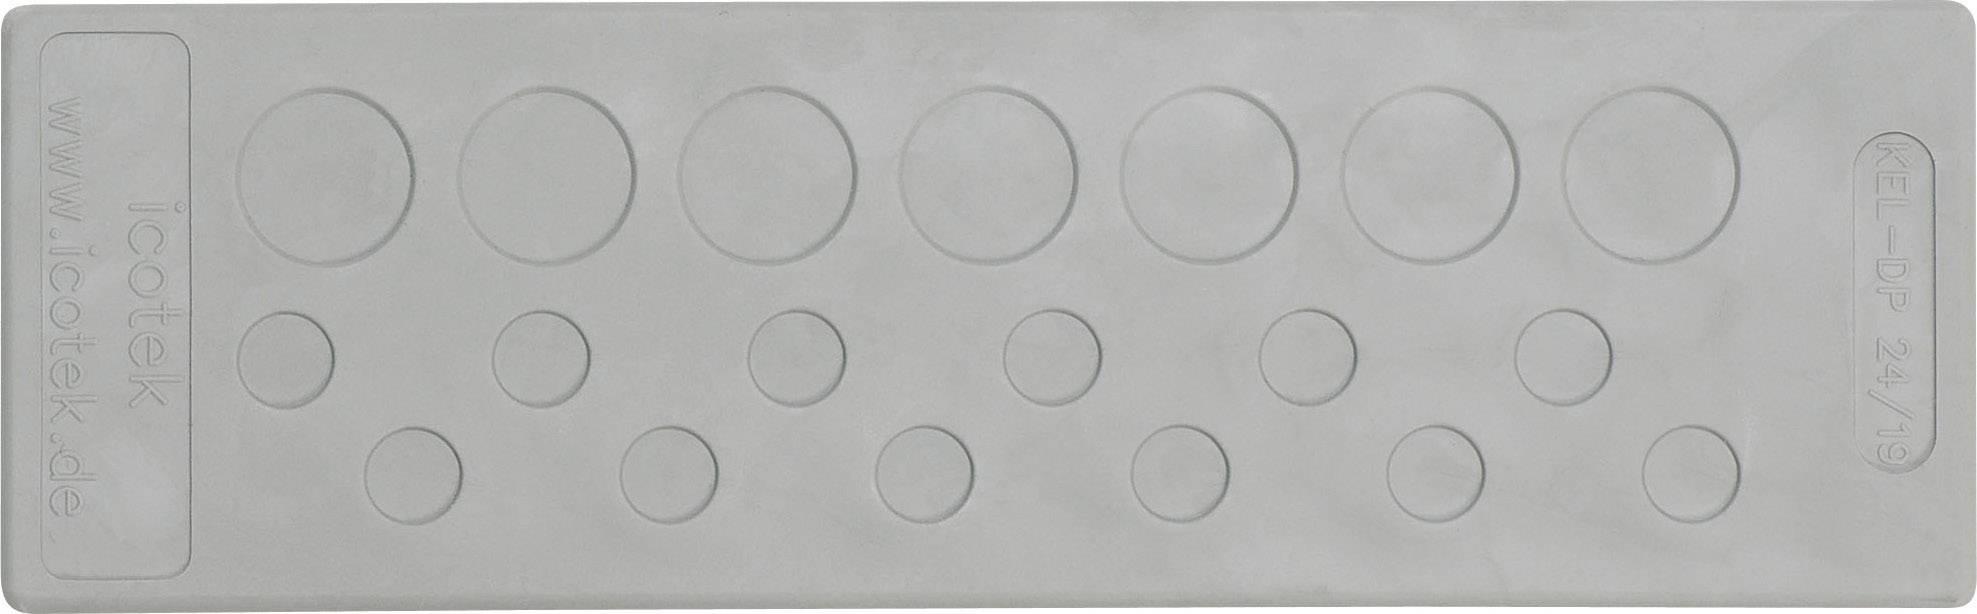 Icotek Uvodnica za prehod kablov KEL-DP 24 KEL-DP 24|48 elastomer, siva